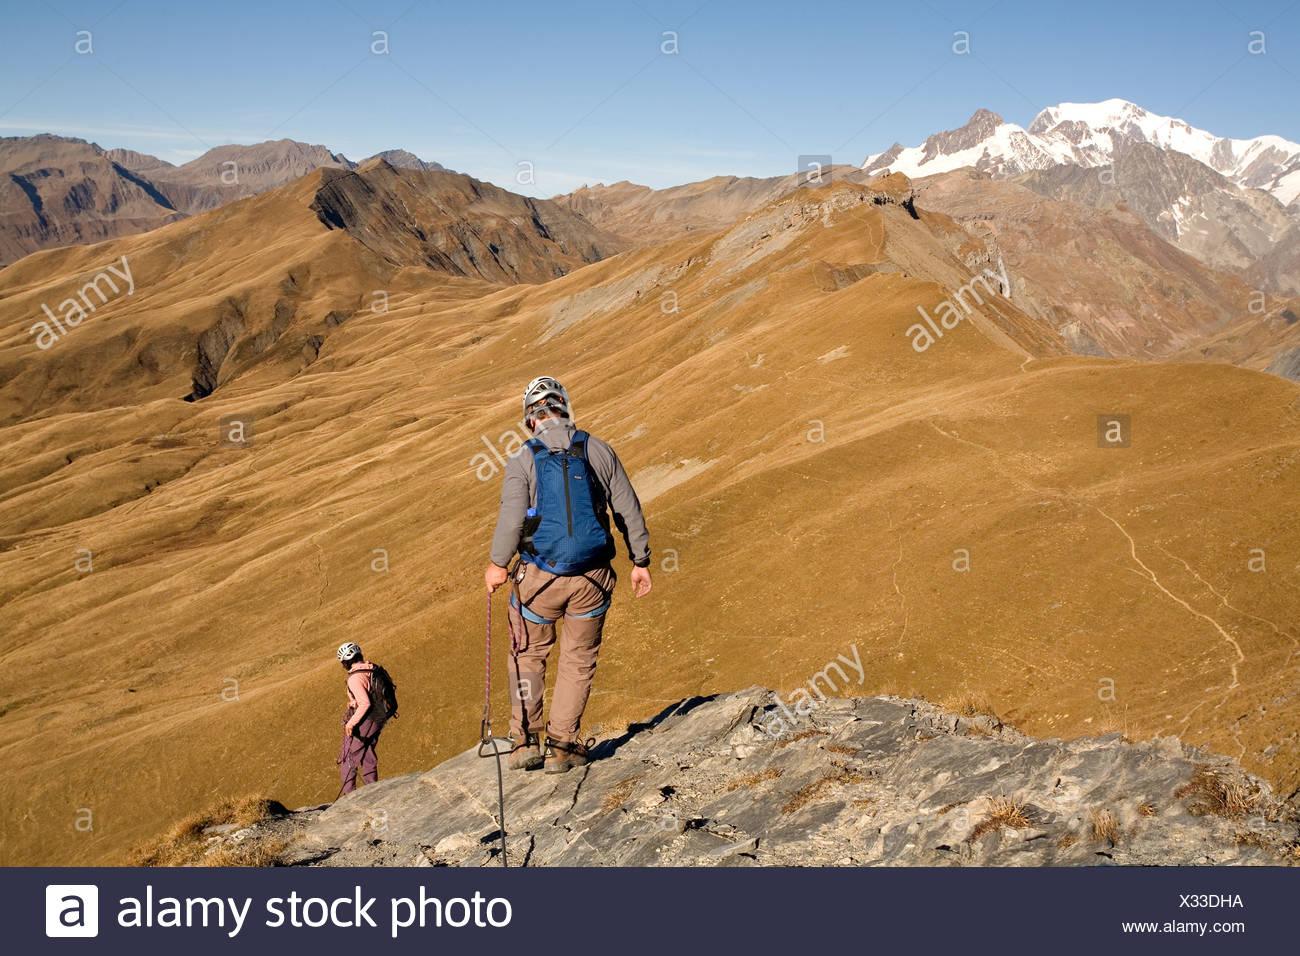 Dos personas descender un acantilado mientras practica el deporte de Vía ferrata en los Alpes franceses. Imagen De Stock